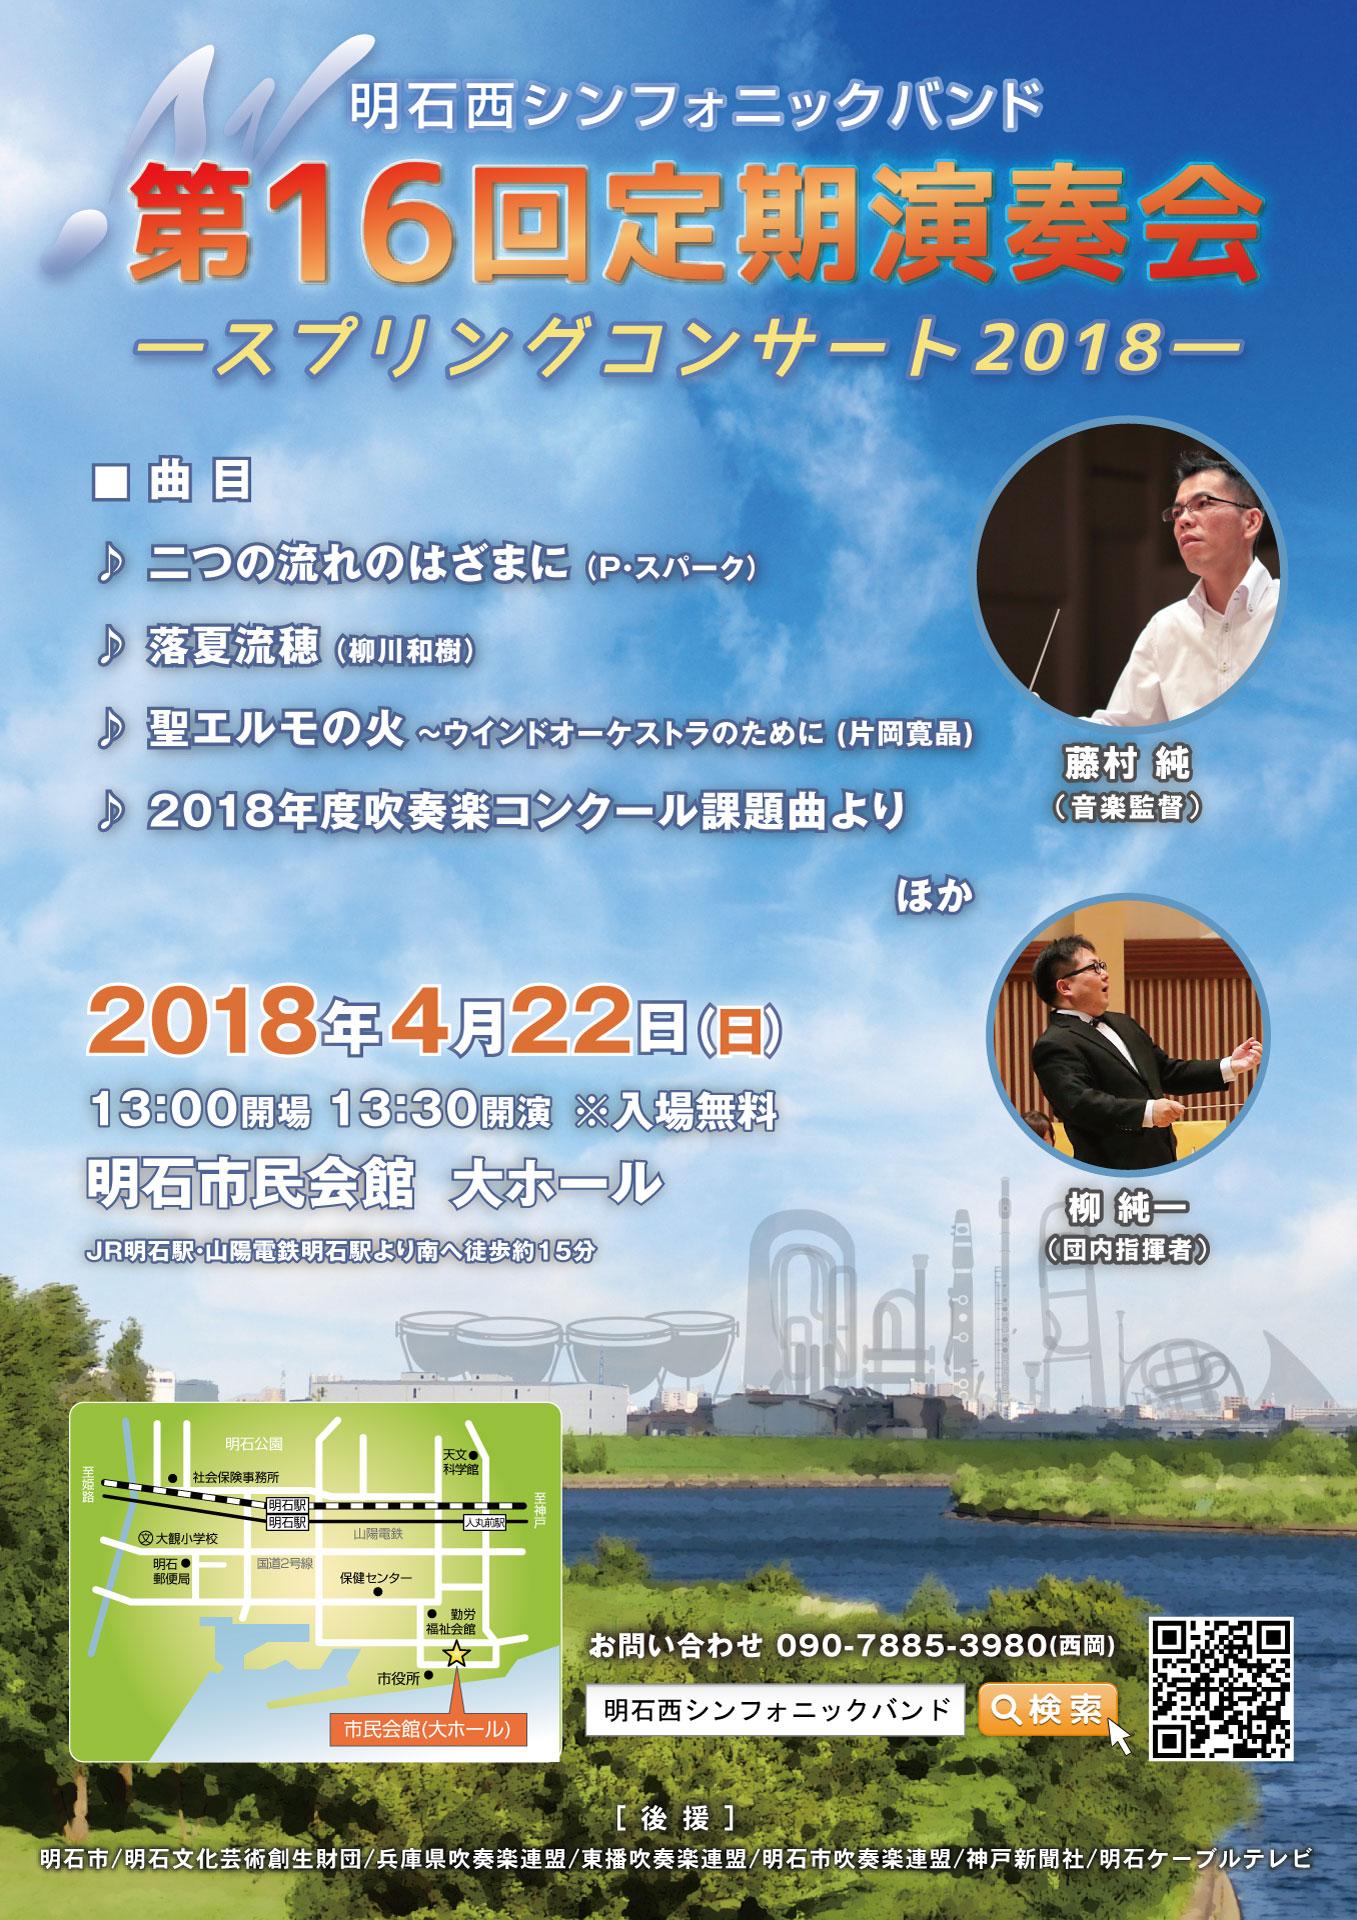 第15回定期演奏会~スプリングコンサート2017~